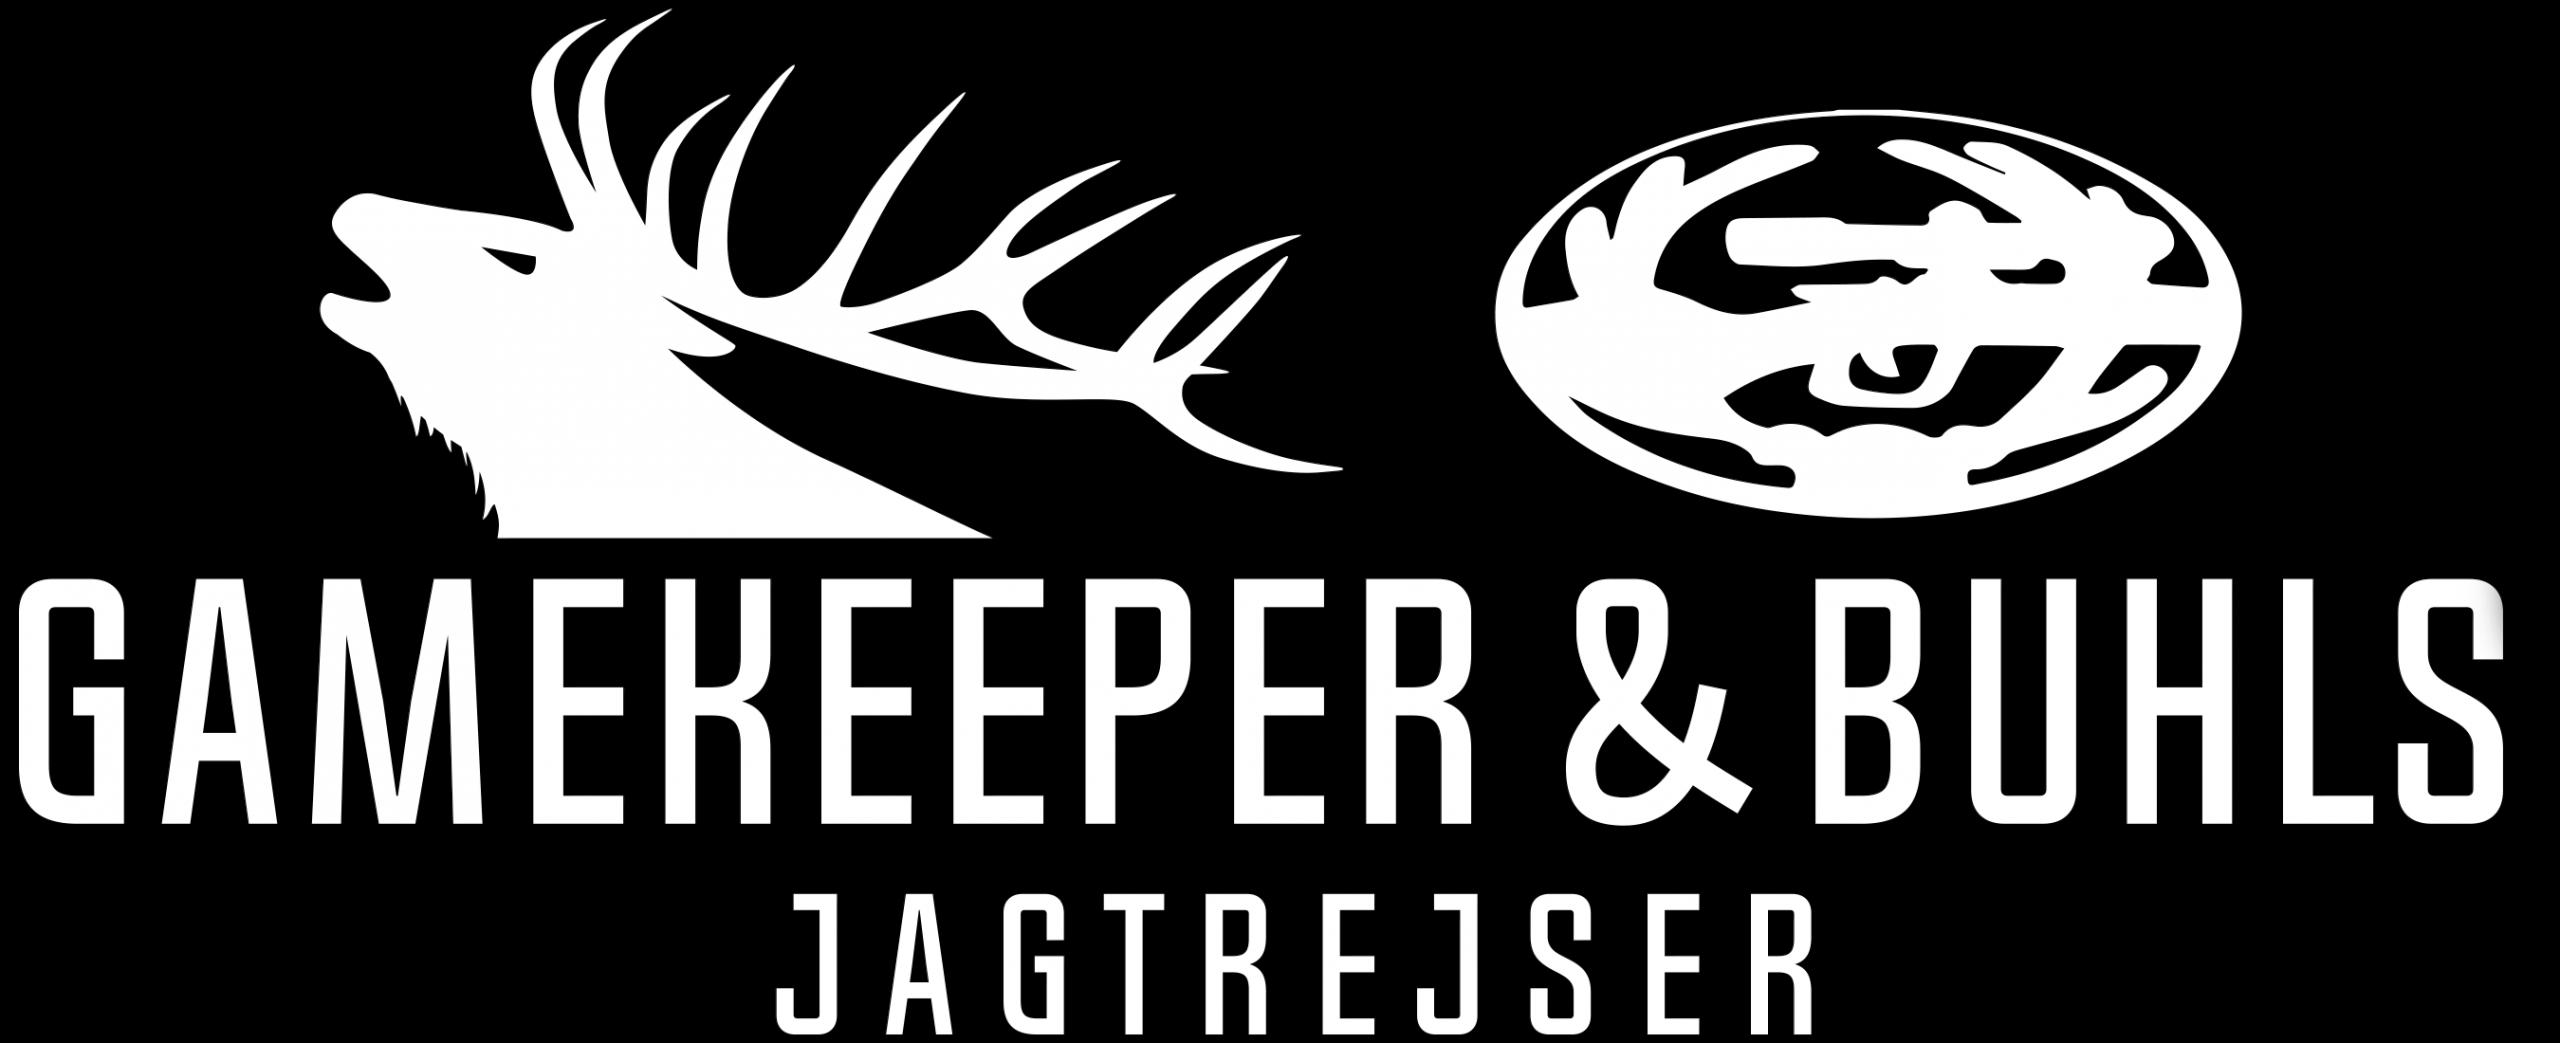 Gamekeeper & Buhlsjagtrejser